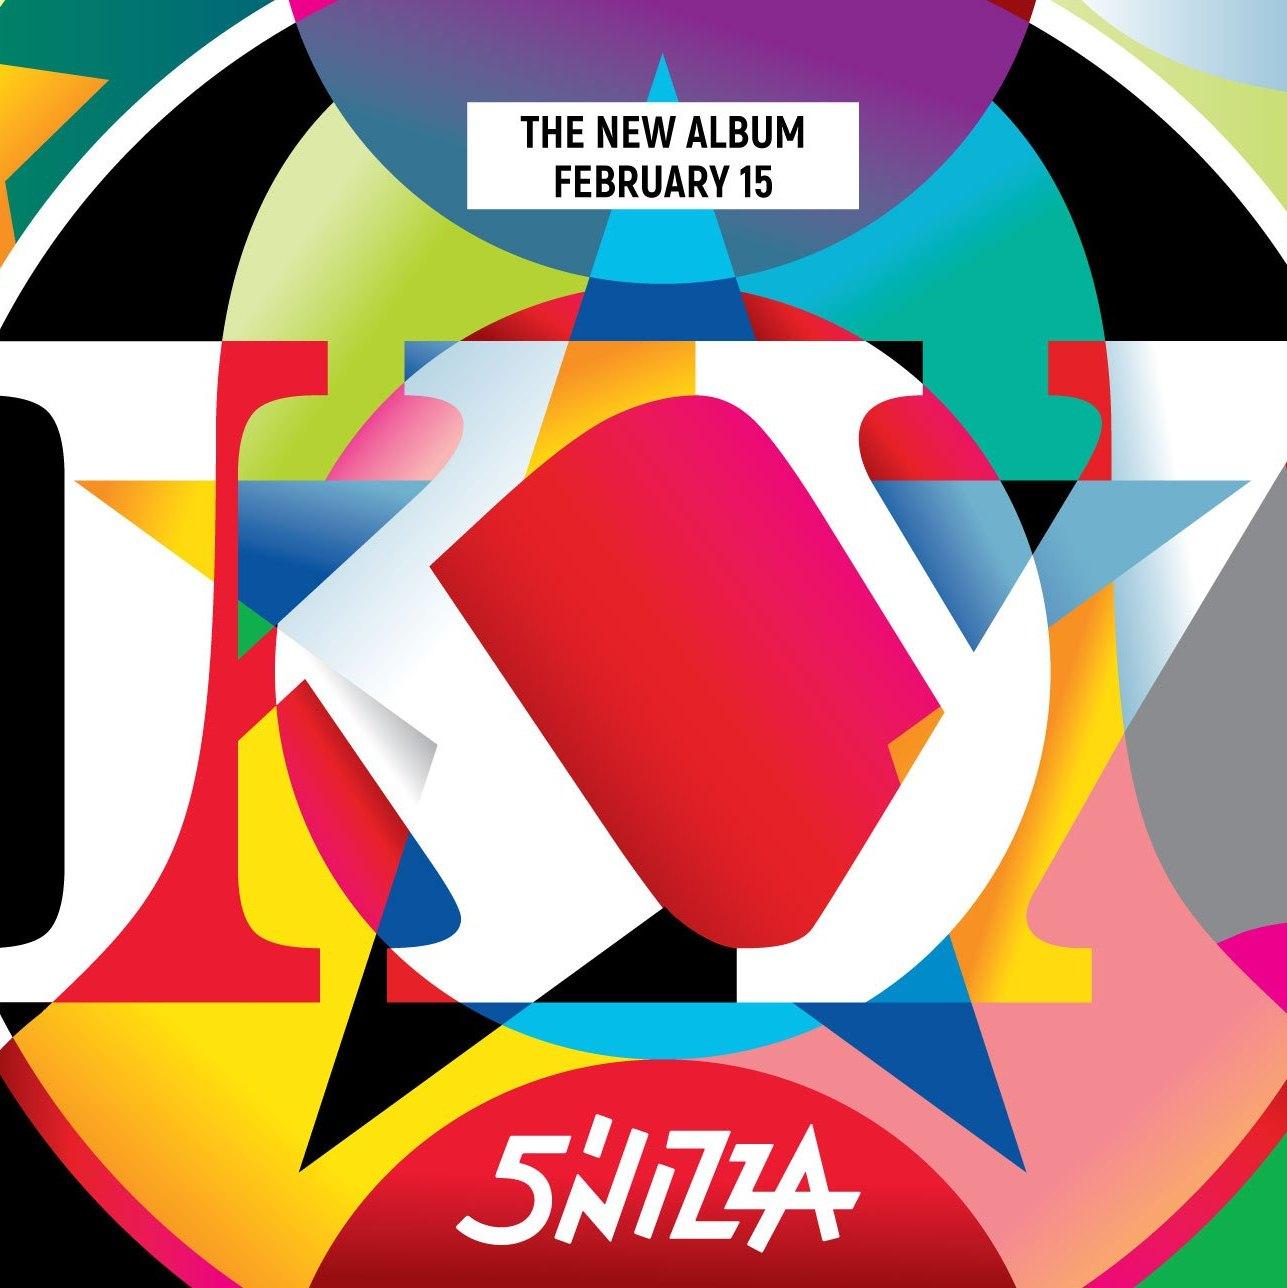 Открыт предзаказ нового альбома группы 5'nizza